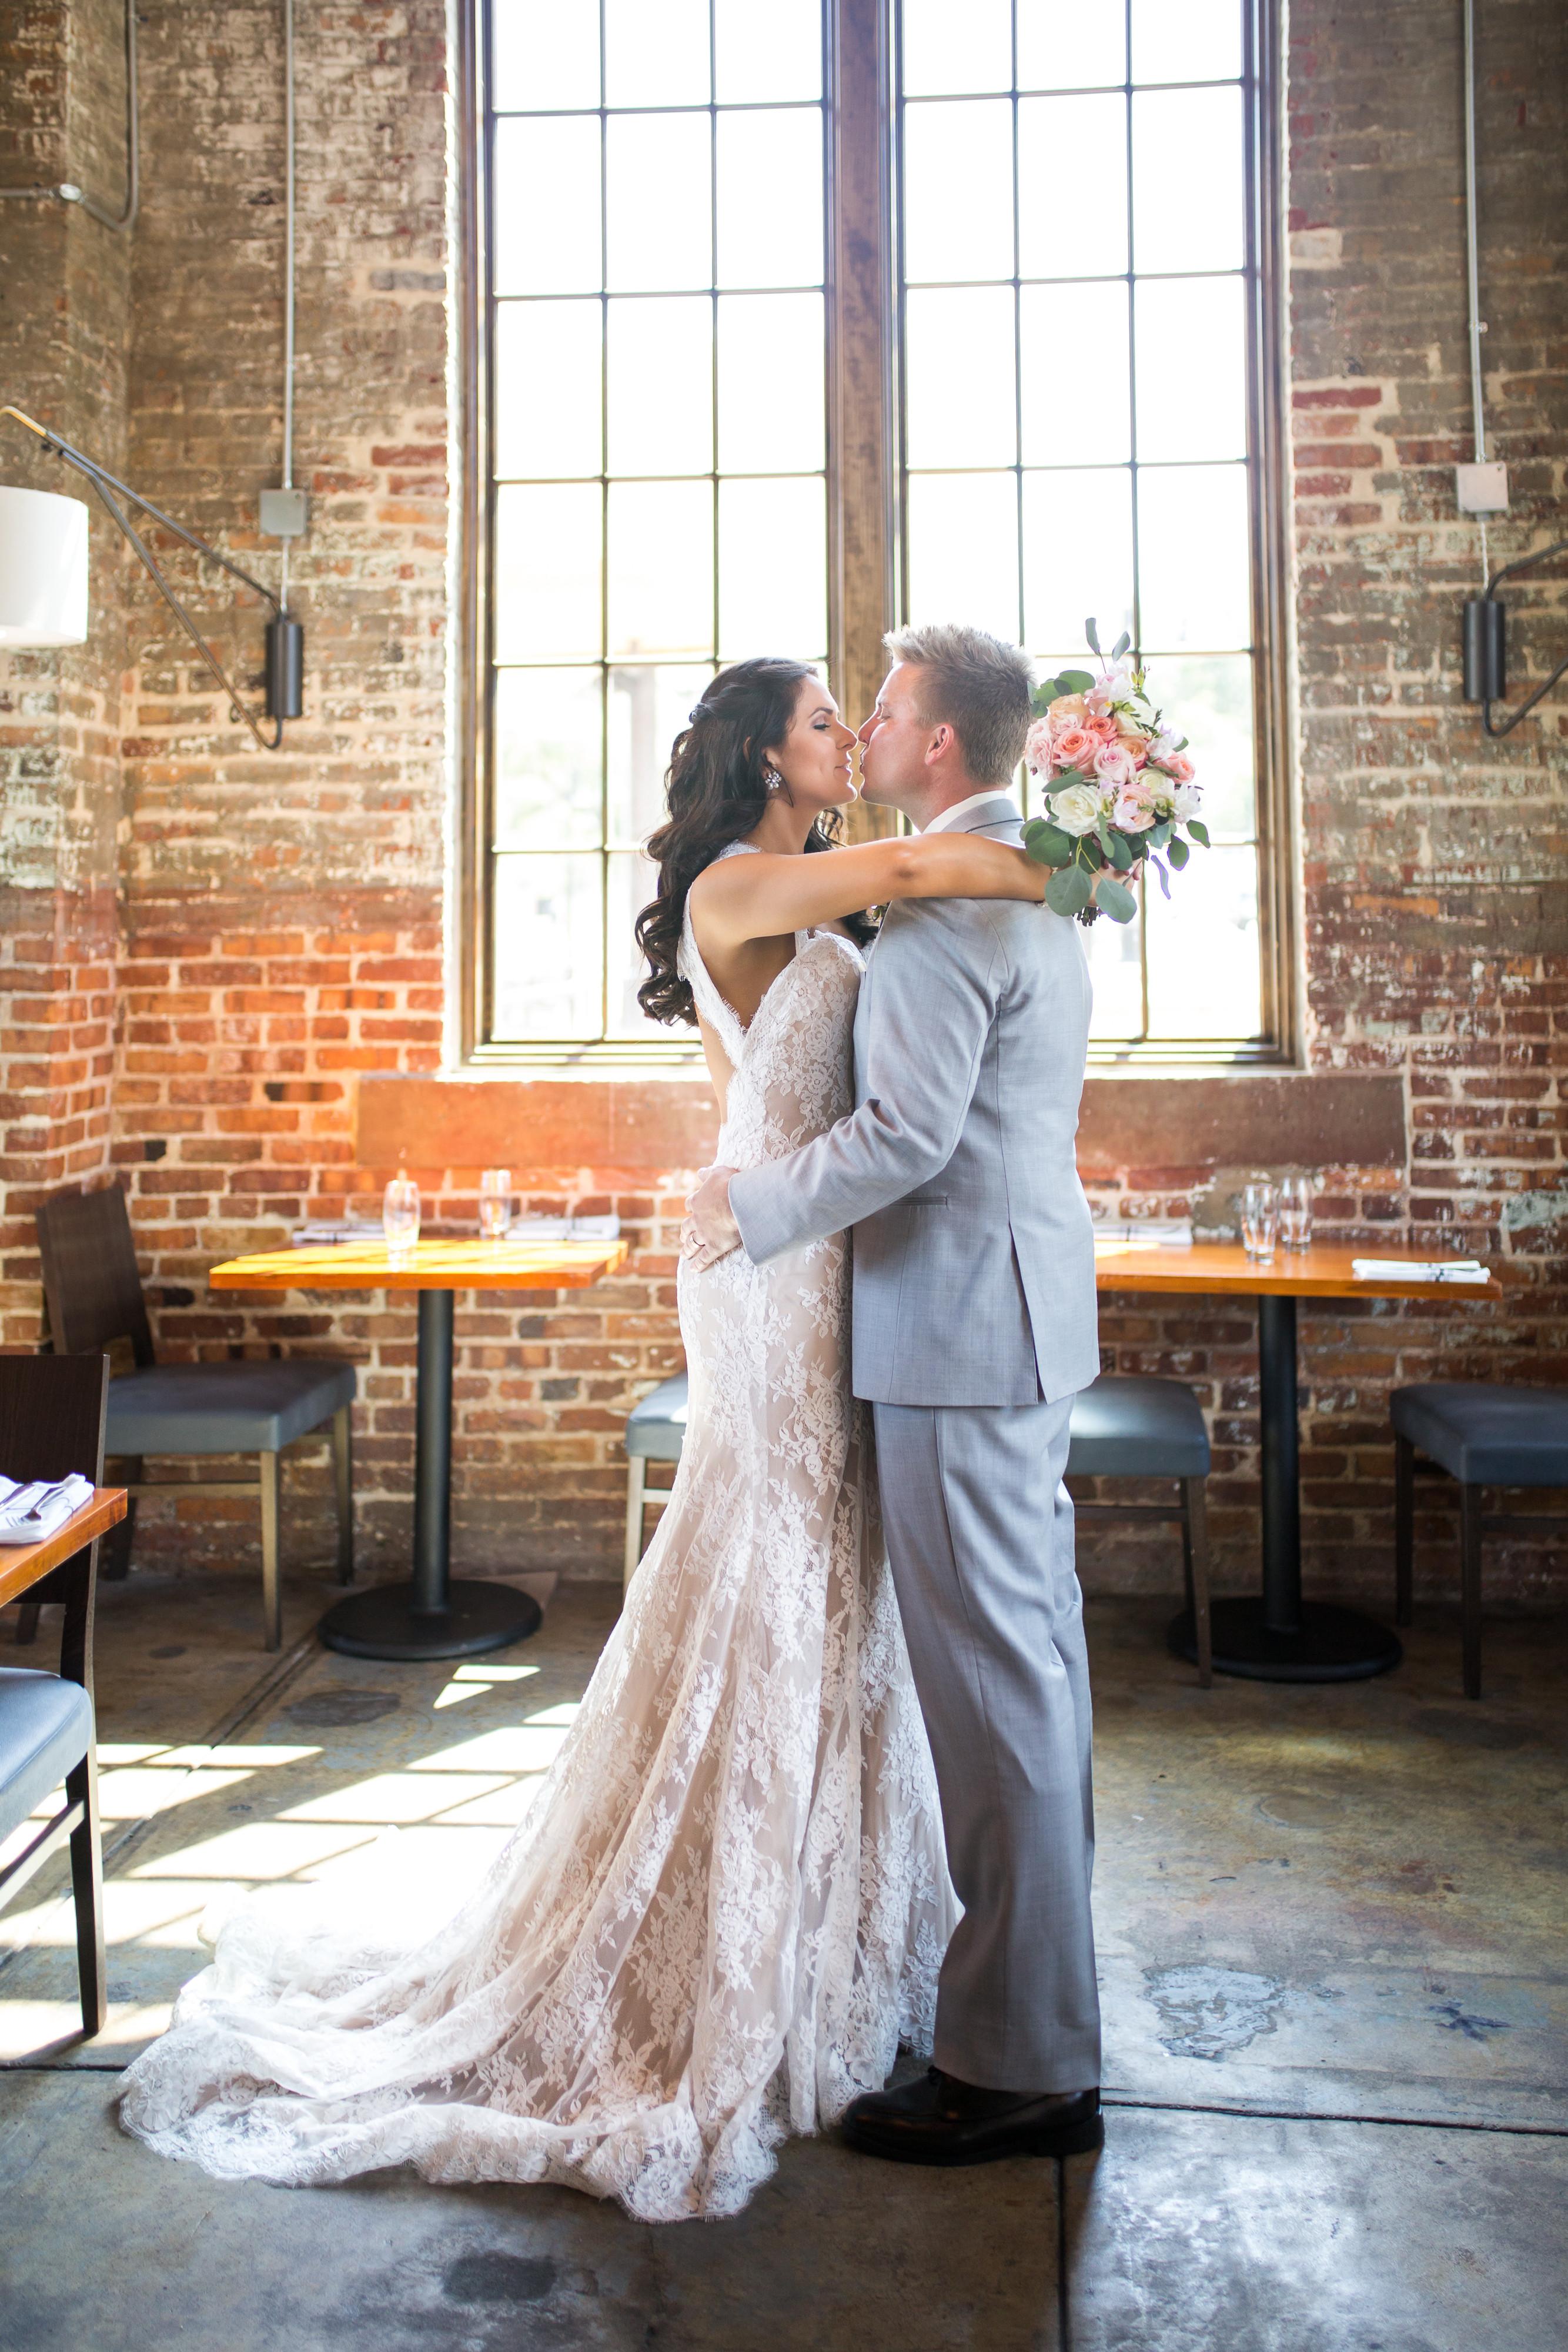 4-HR WEDDING